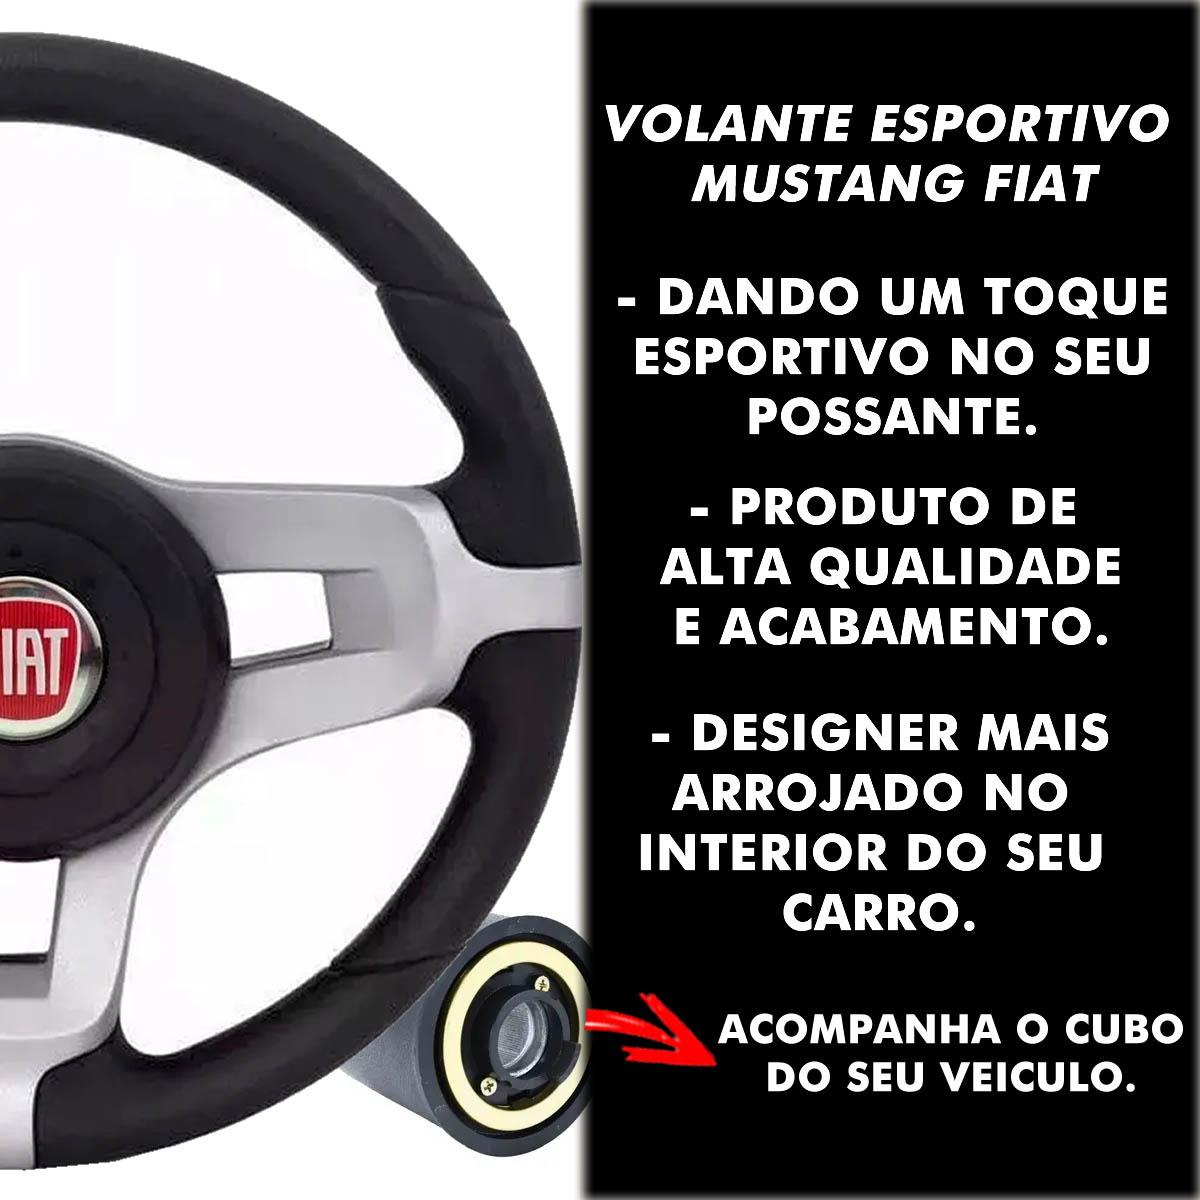 Volante Fiat Mustang Esportivo Cubo Fiorino Panorama Oggi 147 Poliparts